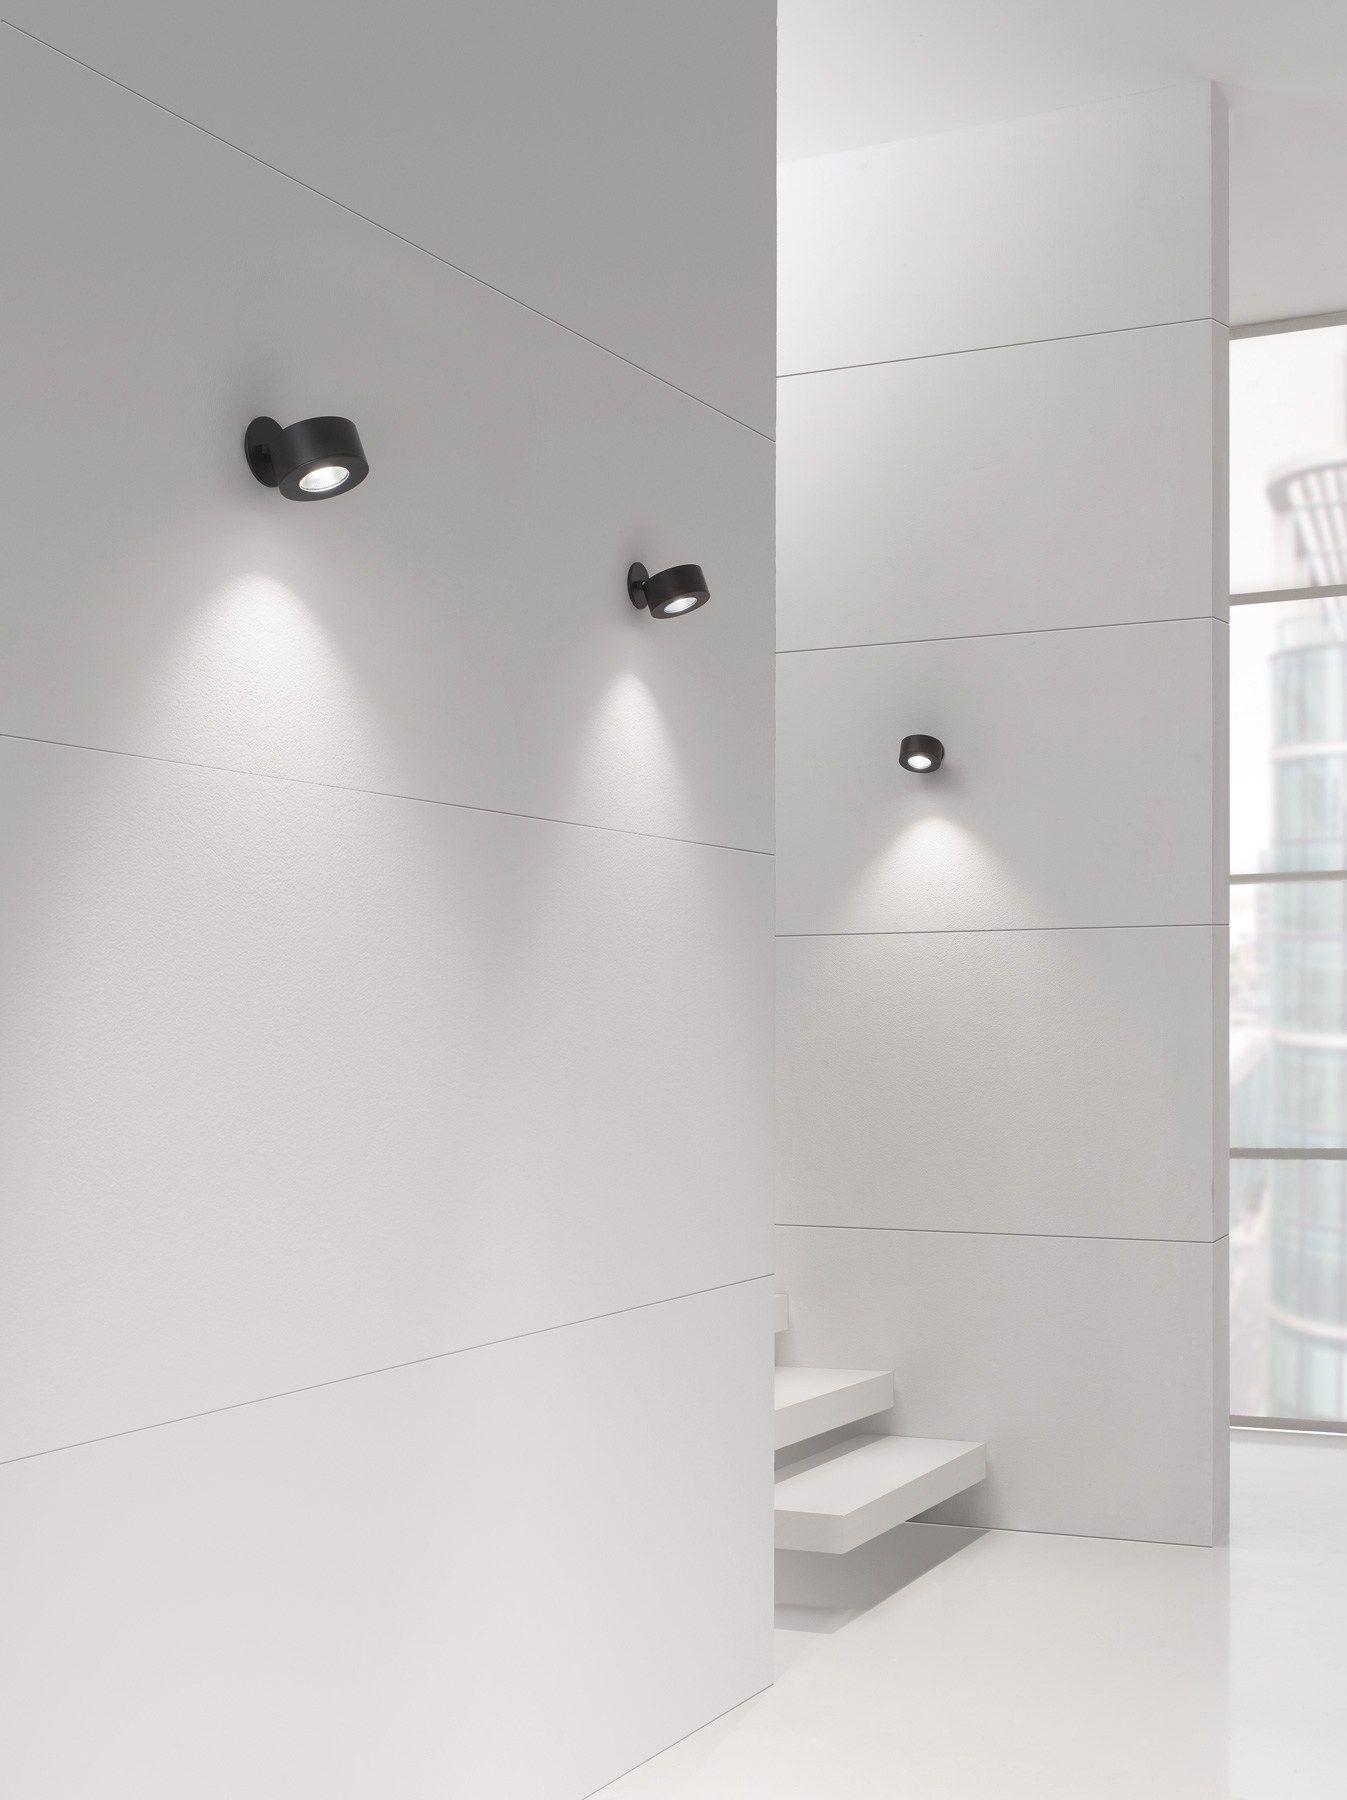 Favilla Semi Inset Spotlight By Axolight Design Manuel Vivian